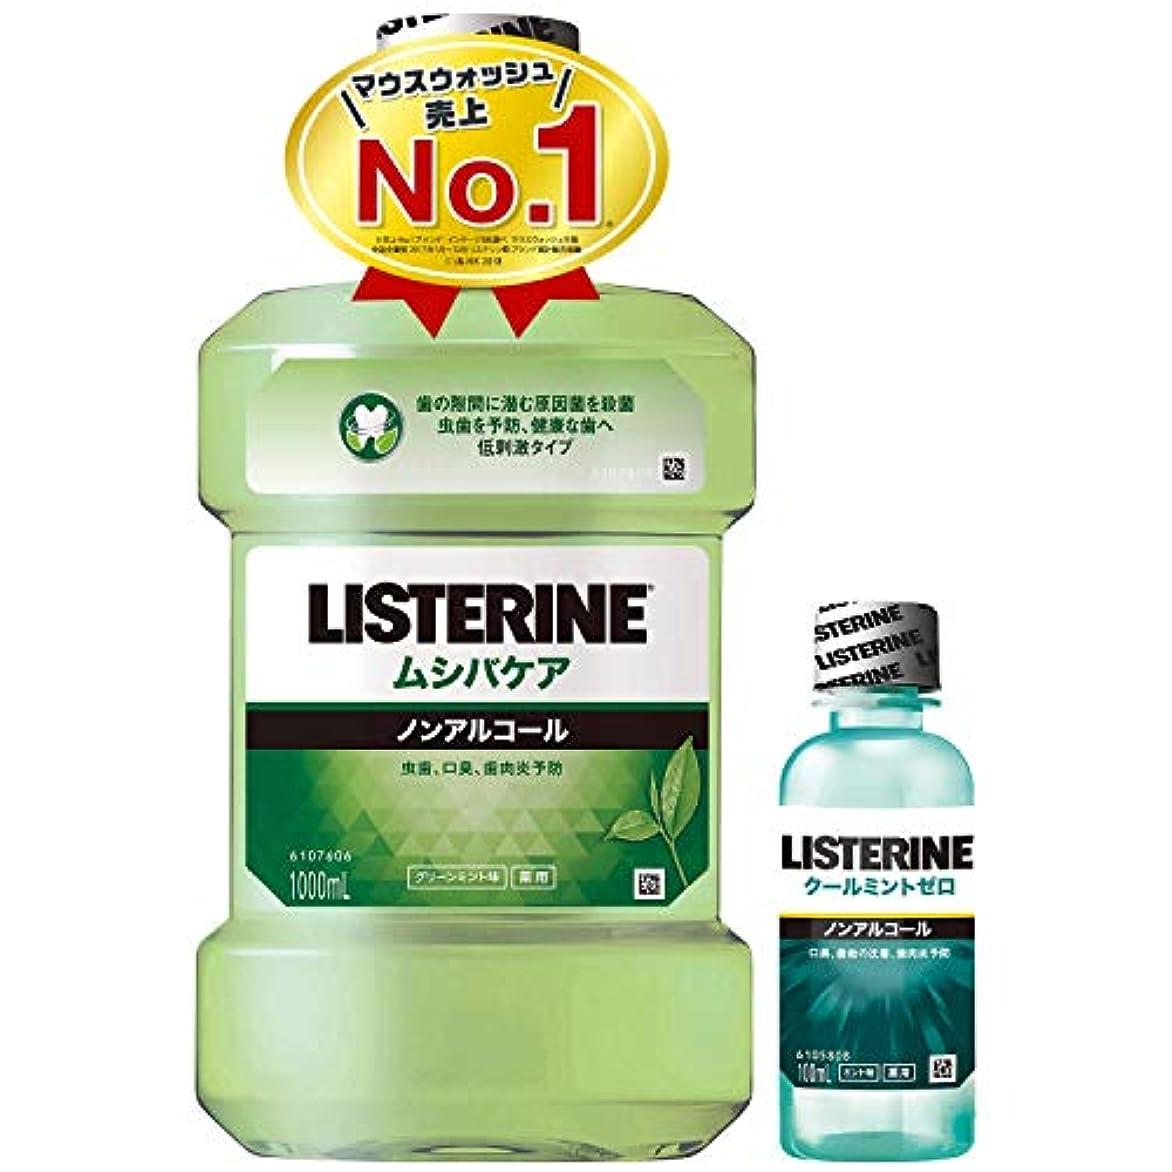 現像デッドロック見ました【Amazon.co.jp限定】 LISTERINE(リステリン) [医薬部外品] 薬用 リステリン ムシバケア マウスウォッシュ グリーンミント味 1000mL+おまけつき